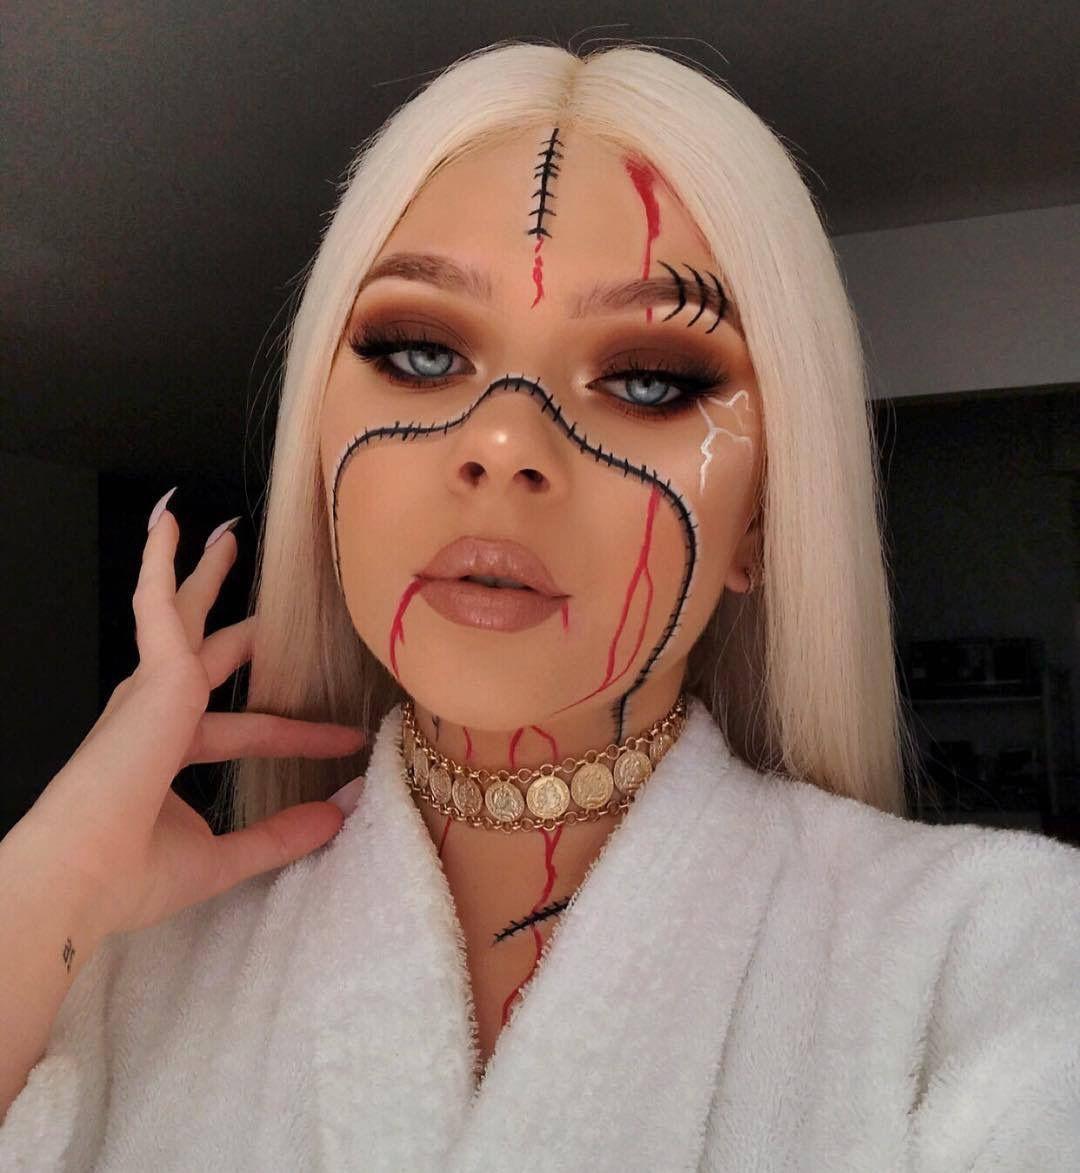 ¿Aún sin disfraz de Halloween? ¡Maquillajes de último minuto!